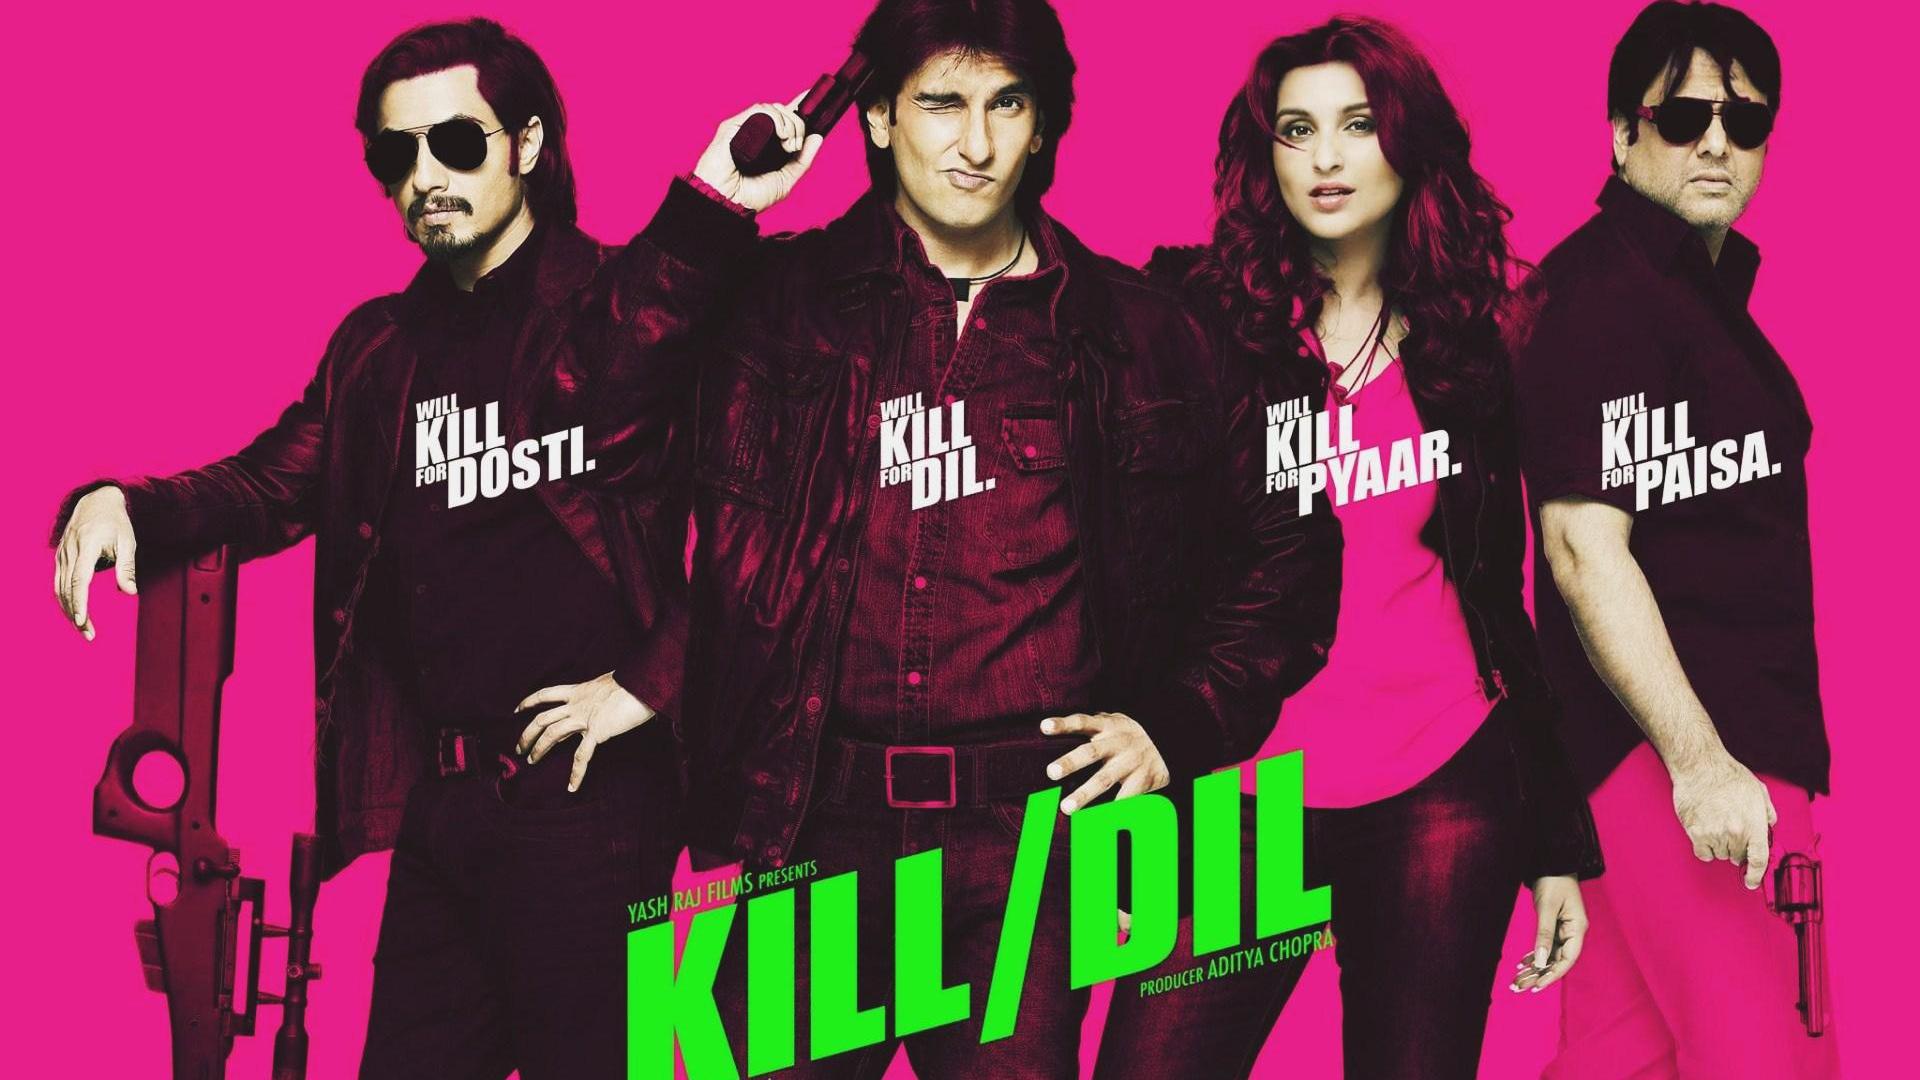 kill dil film free download